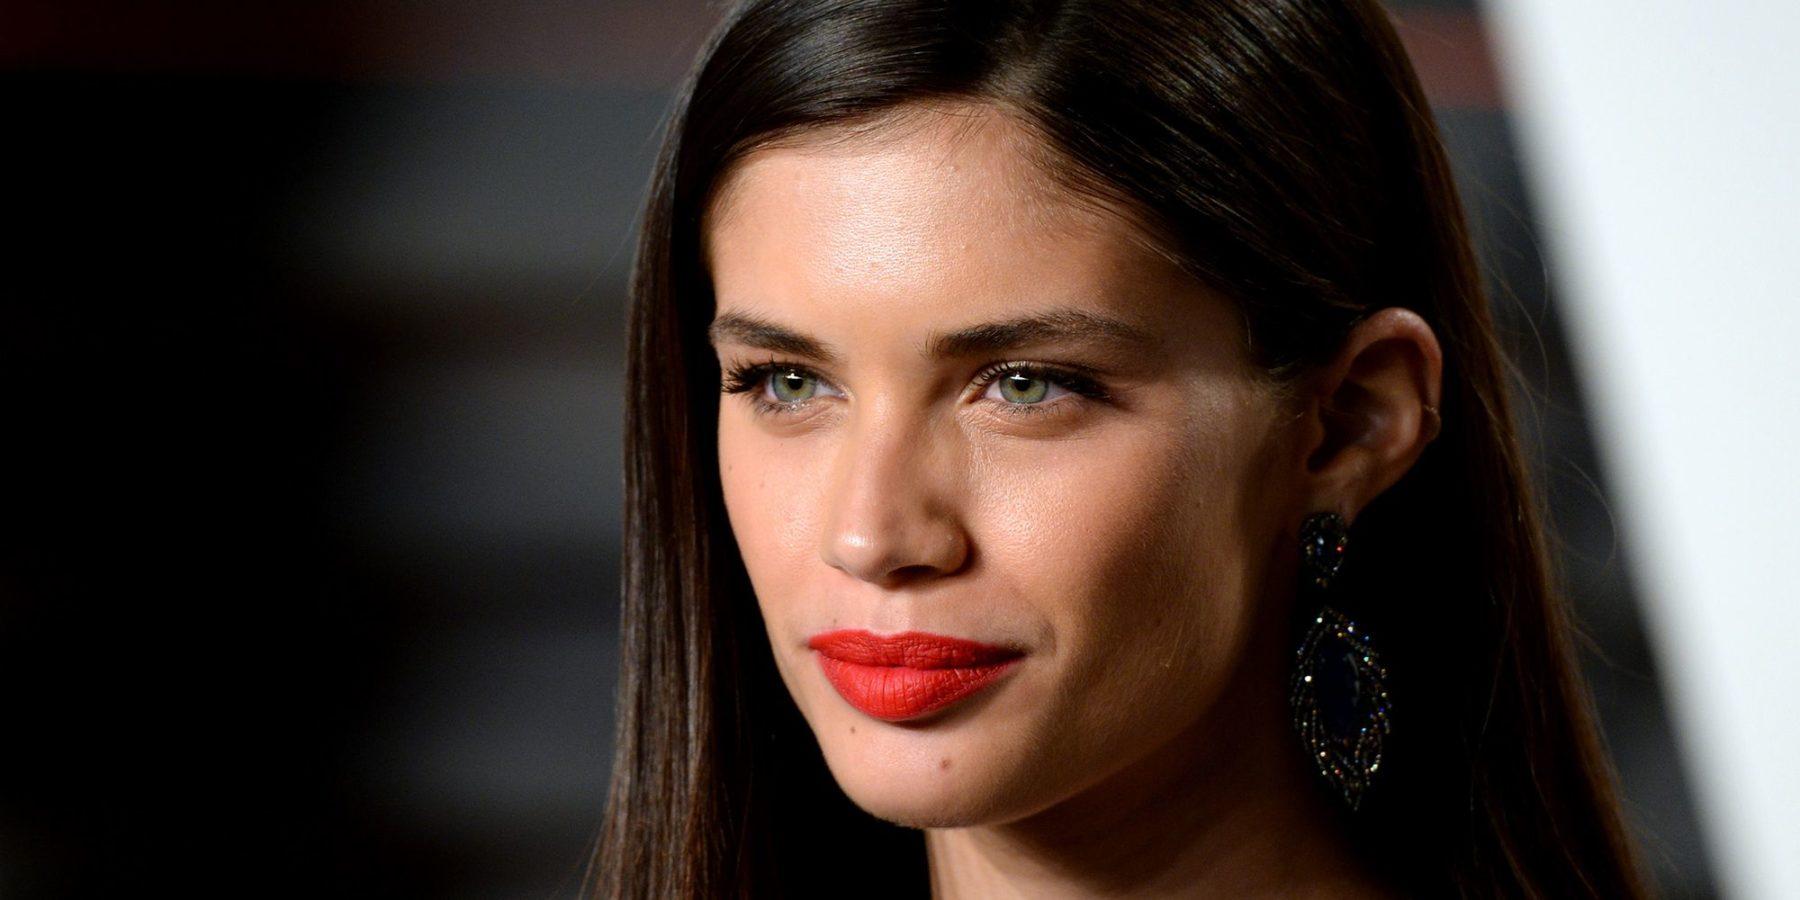 Σάρα Σαμπάιο: ο άγγελος της Victoria's Secret έδειξε πως είναι πραγματικά το σώμα της όταν... αφήνεται